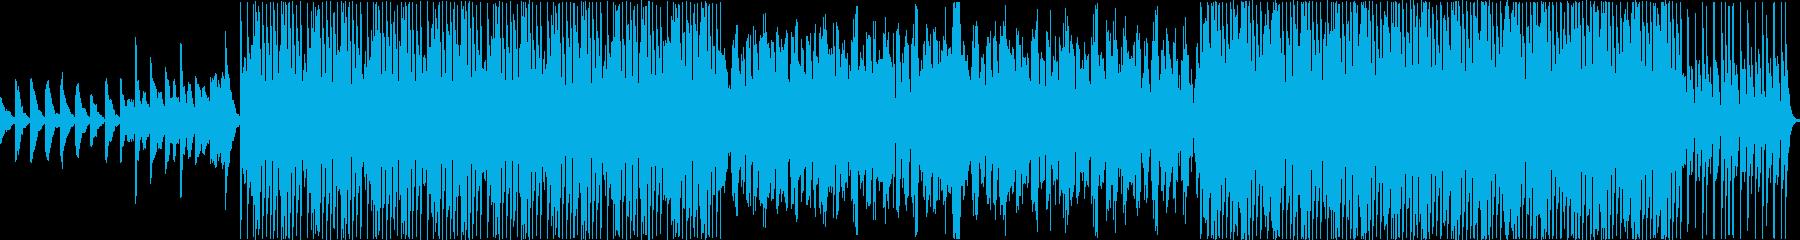 学校チャイムを基盤にしたエレクトロBGMの再生済みの波形